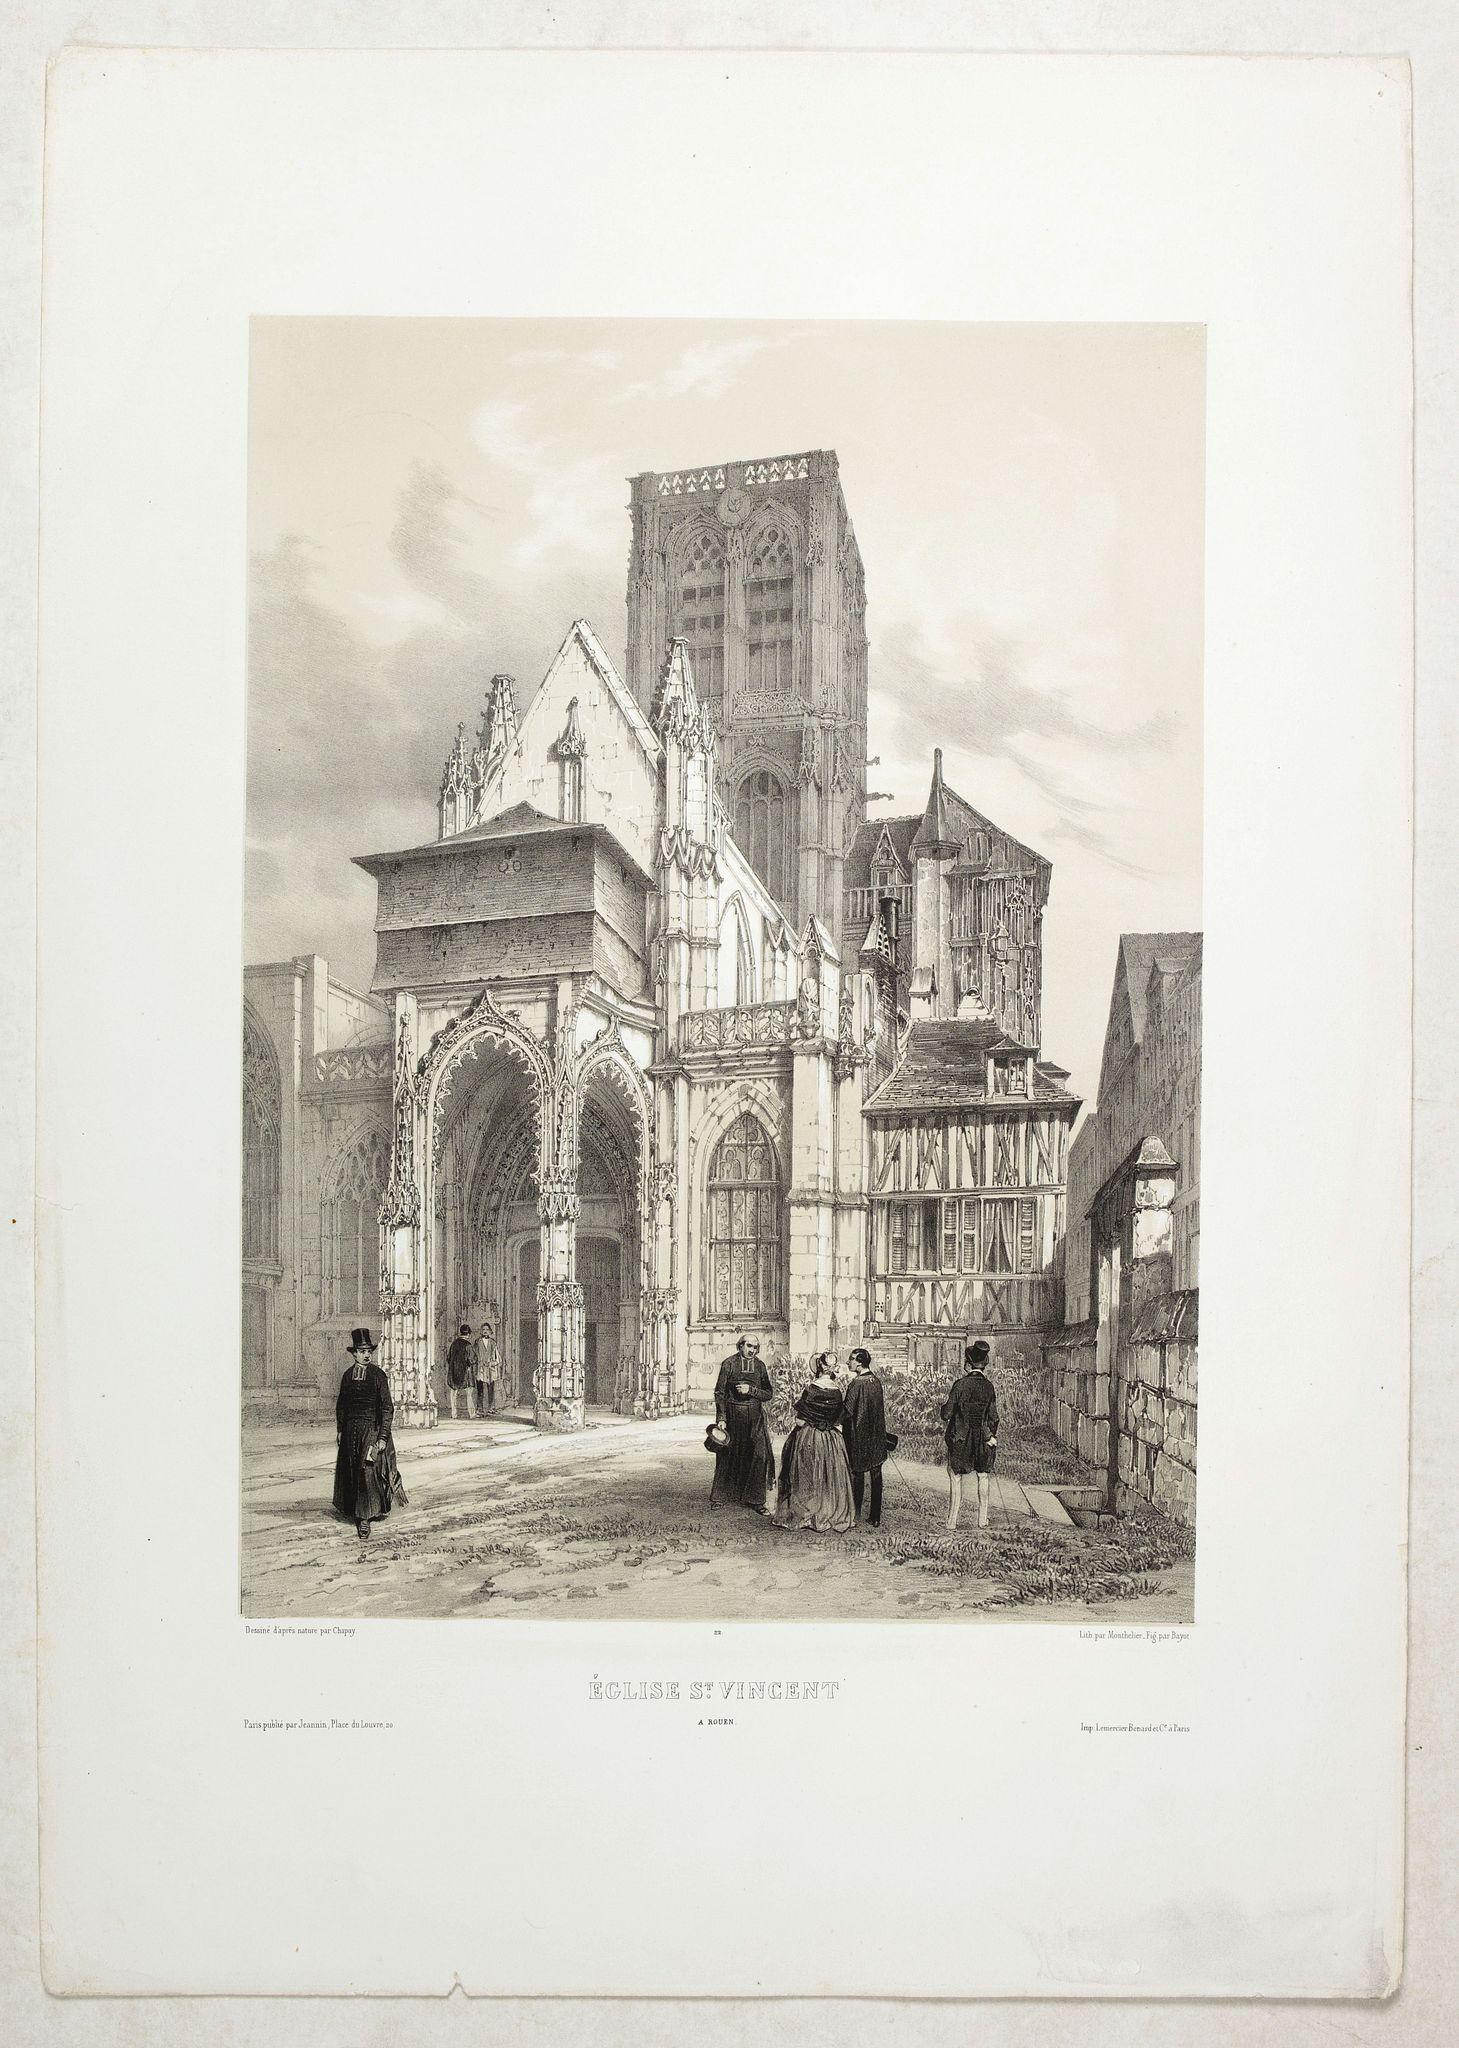 CHAPUY -  ÉGLISE St. VINCENT A ROUEN. Dessiné d'après nature par Chapuy. Lith. par Monthelier. Fig. par Bayot.